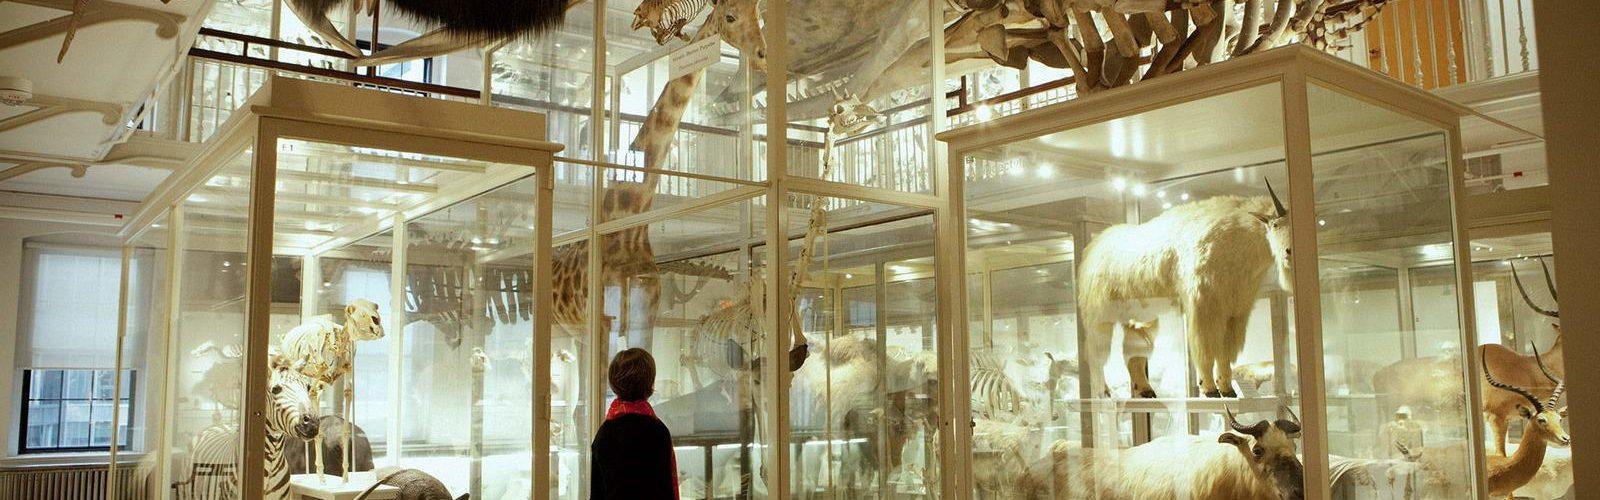 harvard-musee-histoires-naturelles-diapo-featured2